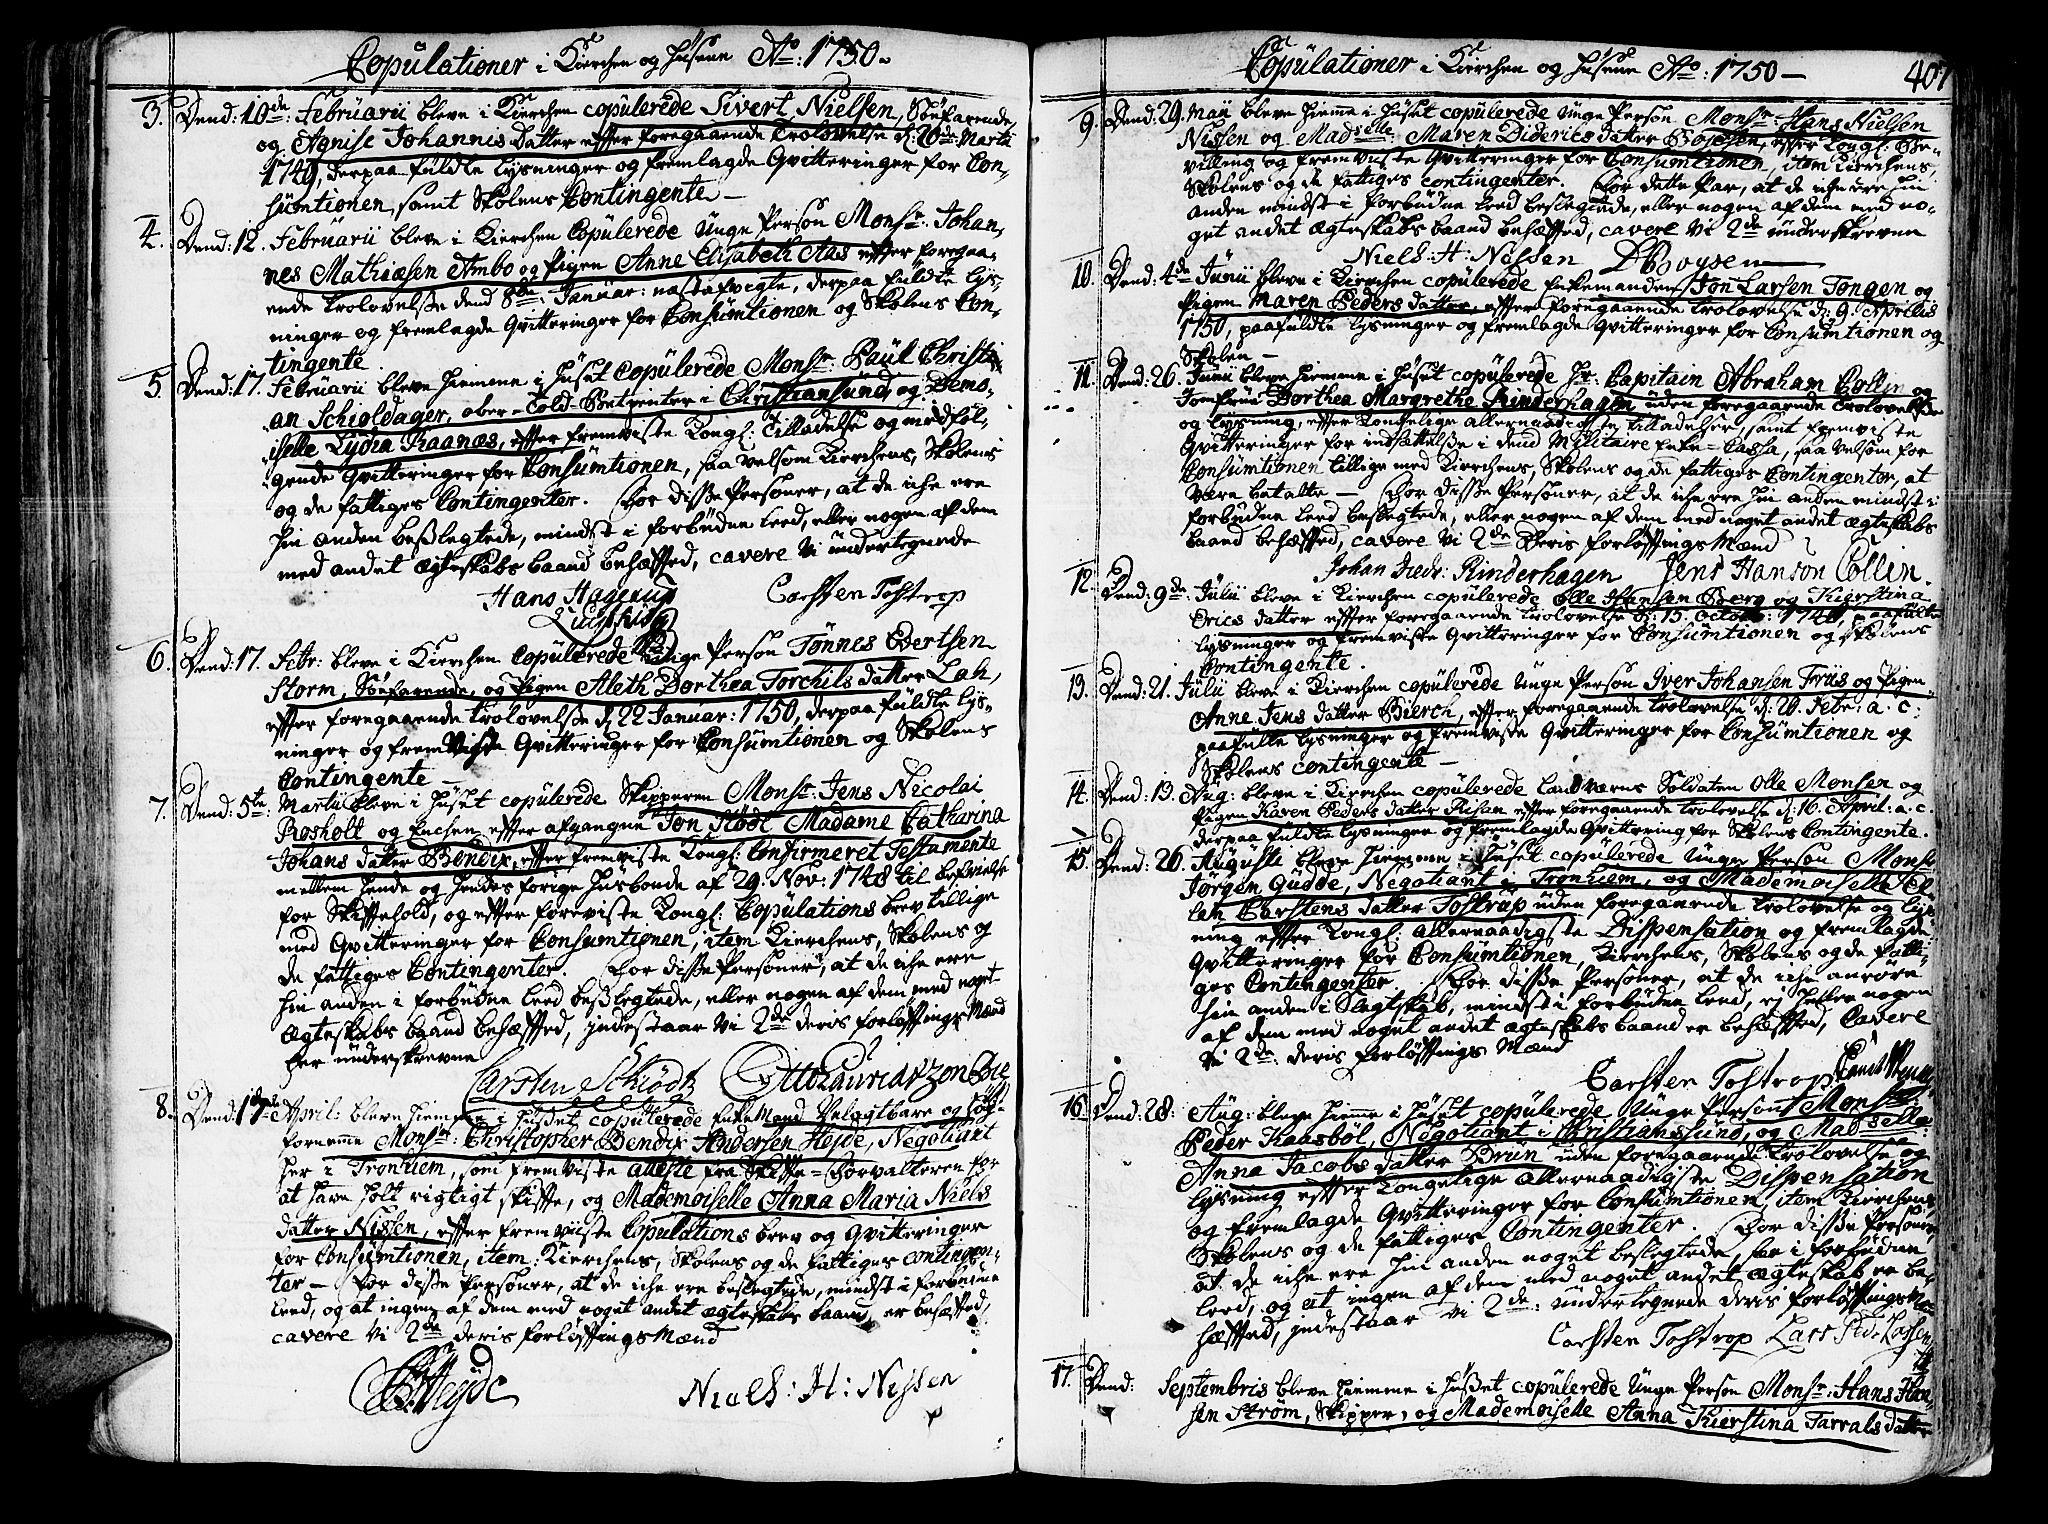 SAT, Ministerialprotokoller, klokkerbøker og fødselsregistre - Sør-Trøndelag, 602/L0103: Ministerialbok nr. 602A01, 1732-1774, s. 407